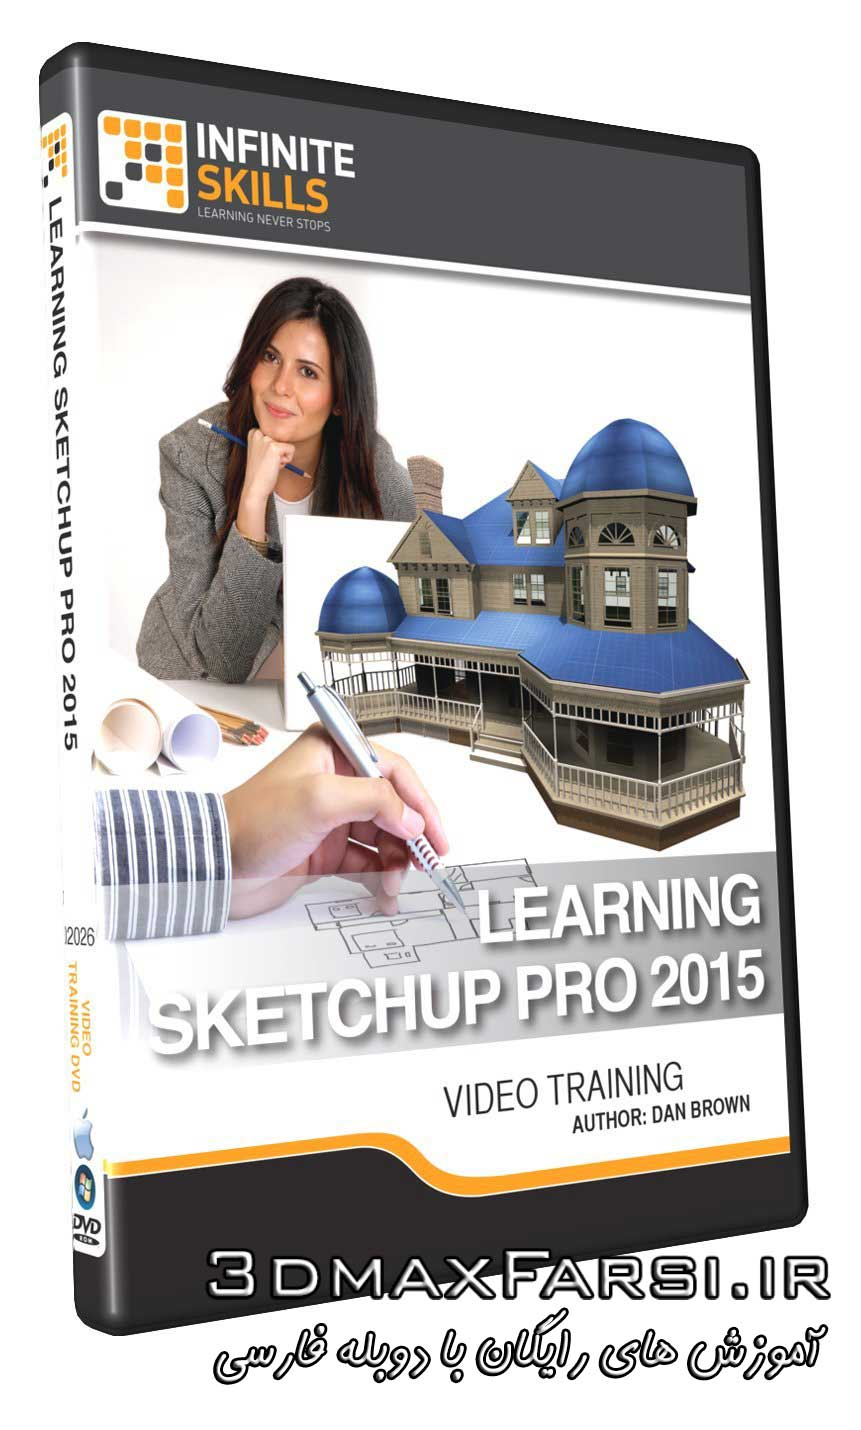 دانلود آموزش کامل مدلسازی و رندر اسکچاپ sketchup pro 2015